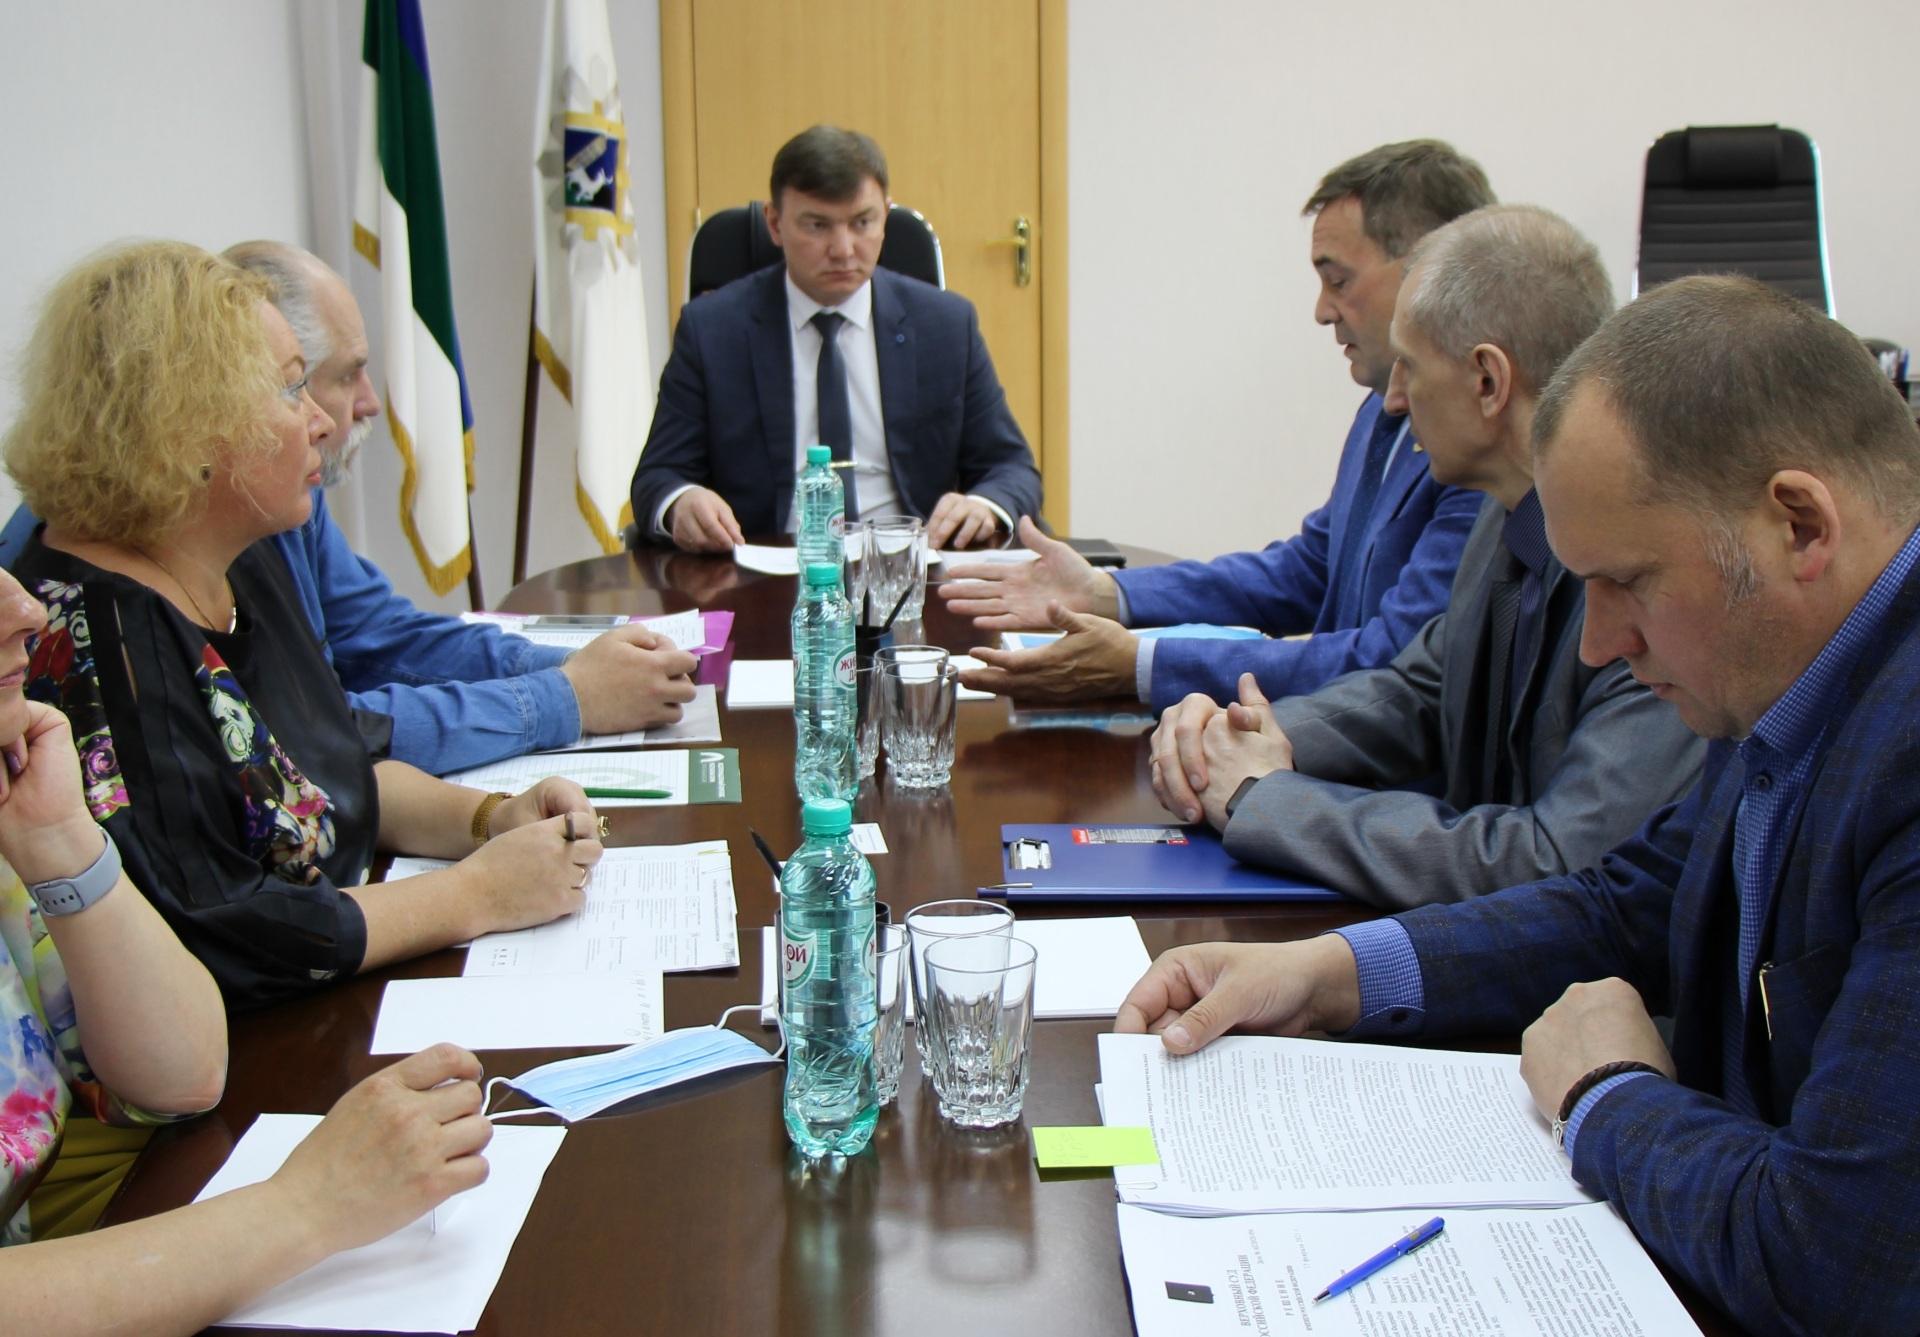 Inta_TPP-Komi_-vstrecha-s-V.Kiselevym.jpg